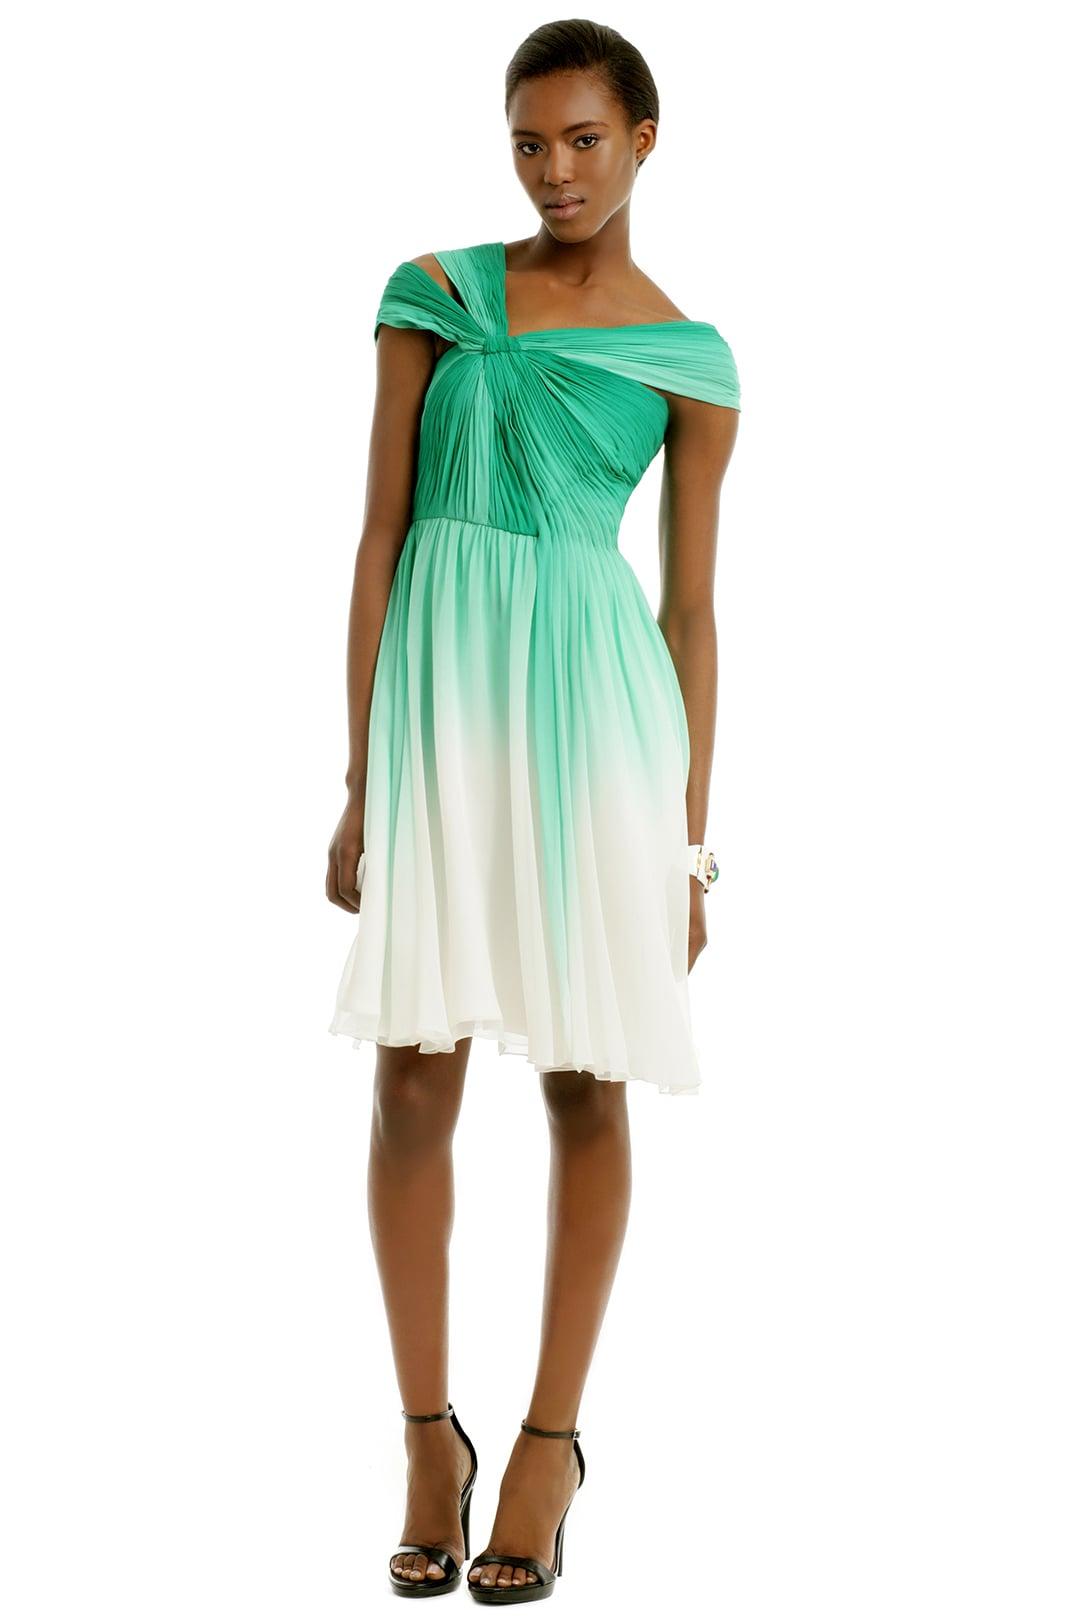 Monique Lhuillier Corsican Mint Dress